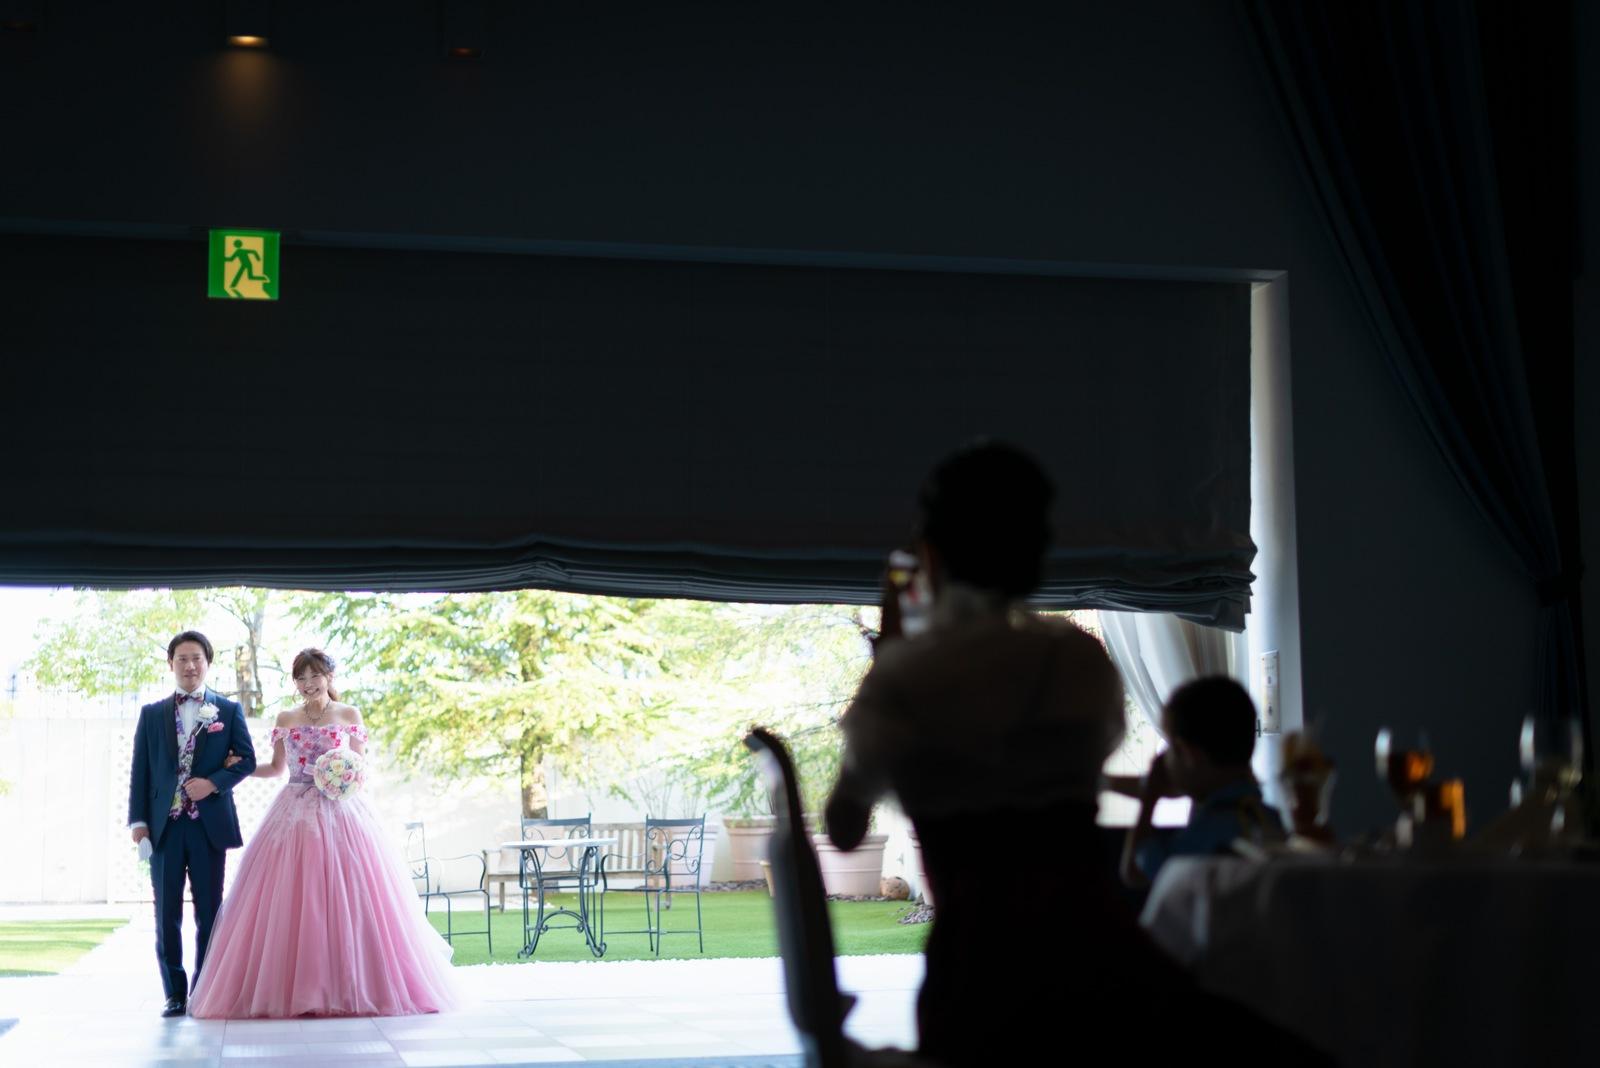 香川県の結婚式場のシェルエメール&アイスタイルお色直し入場